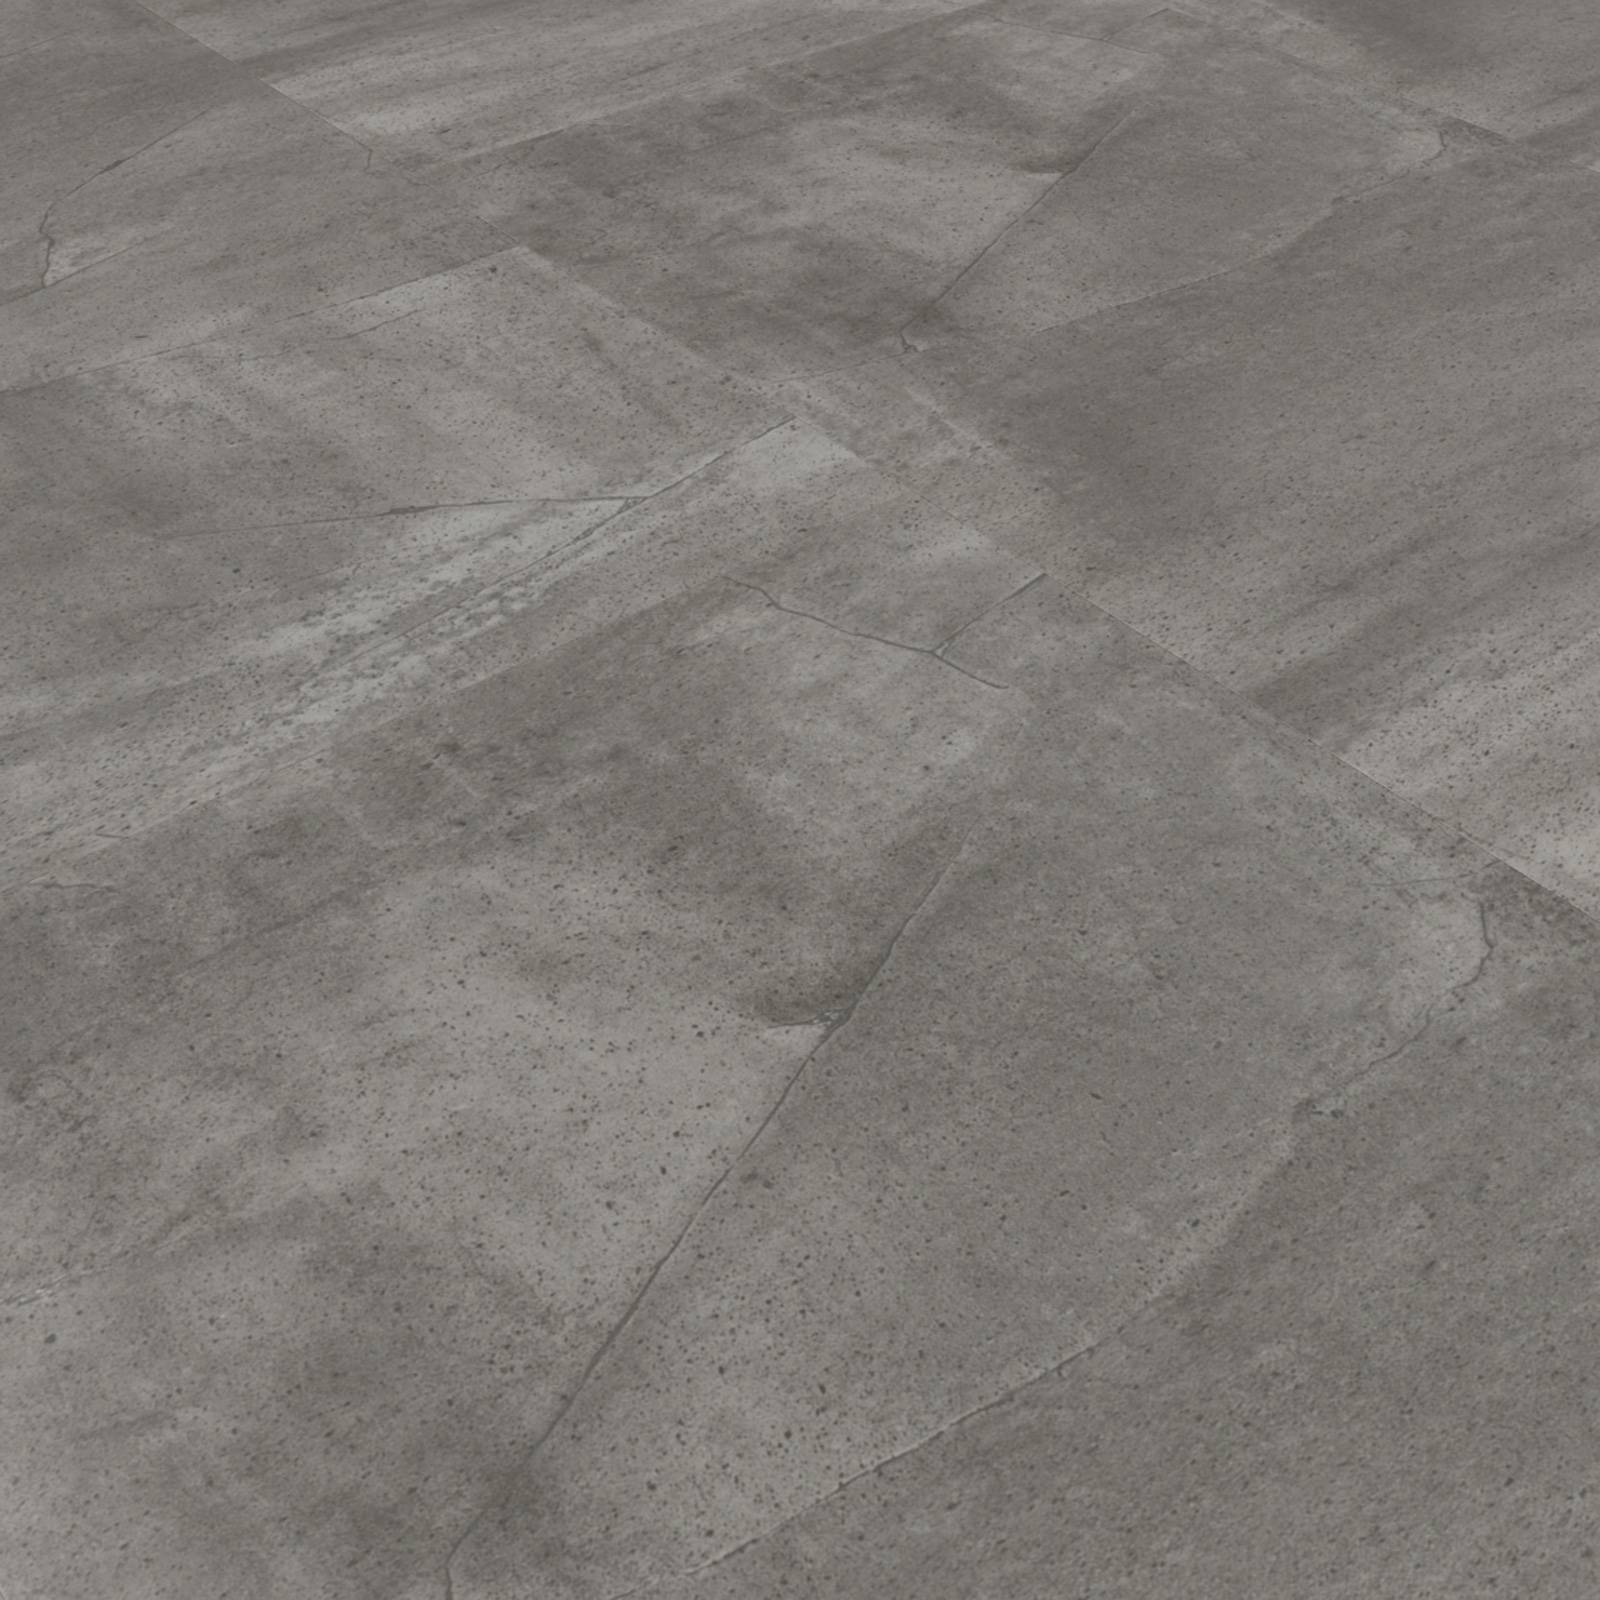 Full Size of Vinylboden Küche Grau Klick In Betonoptik Kaufen Parkett Direkt Arbeitstisch Nobilia Gardinen Für Mischbatterie Thekentisch Erweitern Arbeitsschuhe Wohnzimmer Vinylboden Küche Grau